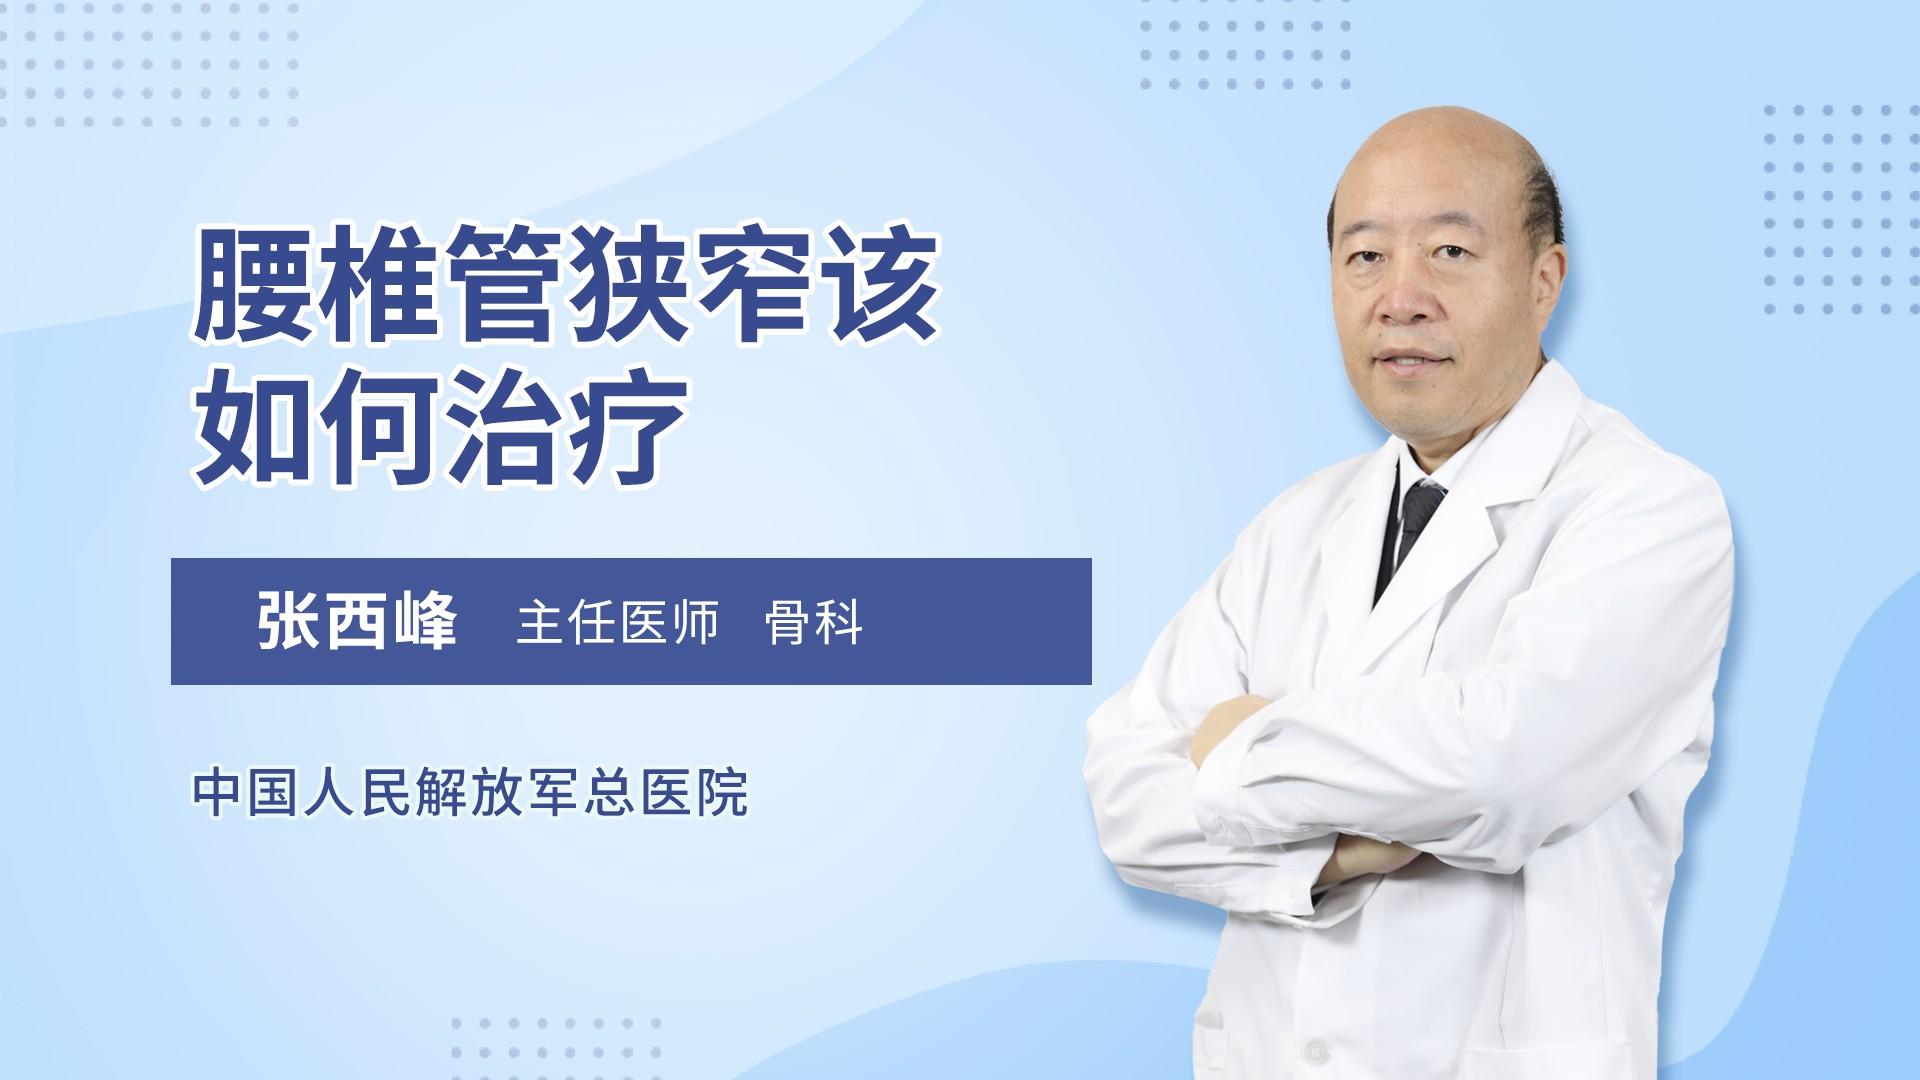 腰椎管狭窄该如何治疗